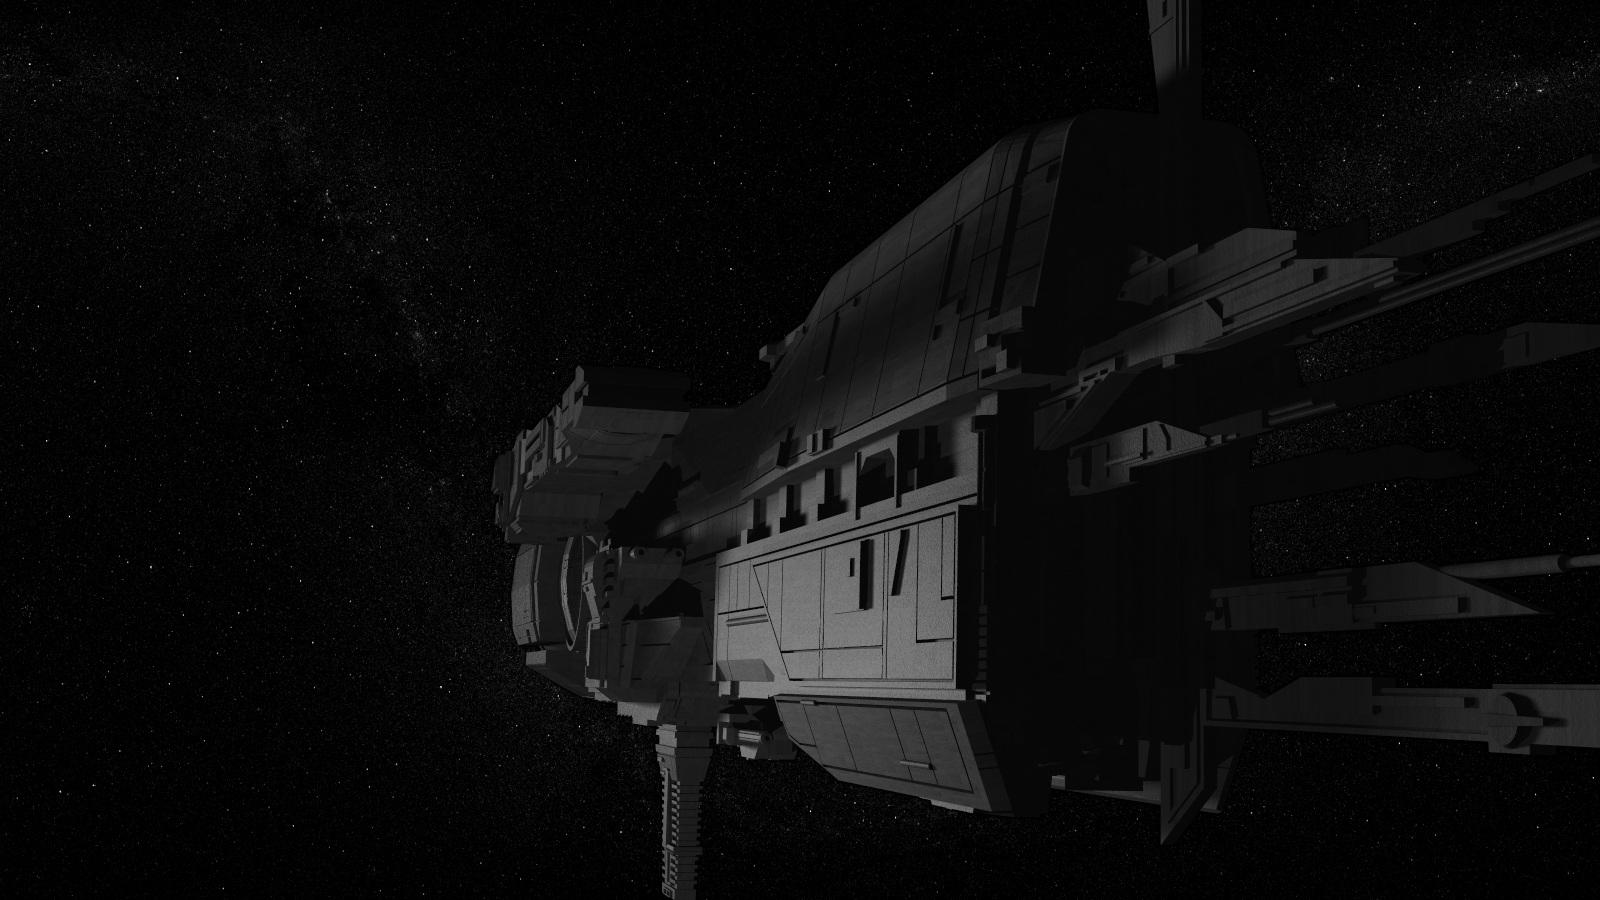 King-class Cruiser